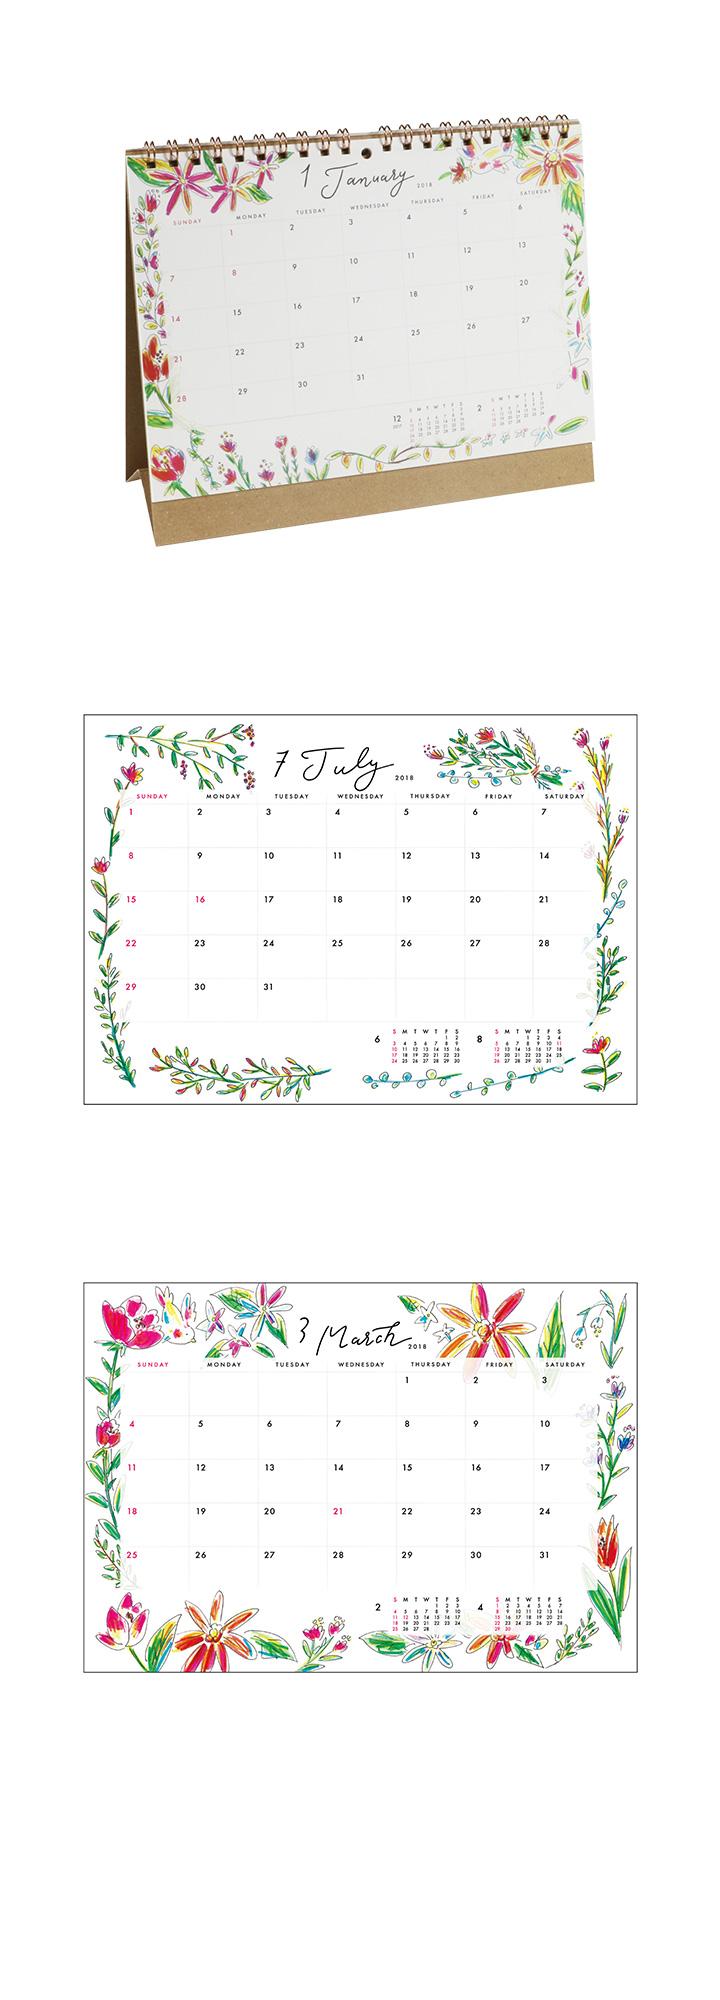 2018 ガーデン/シスターチョークボーイ卓上カレンダー